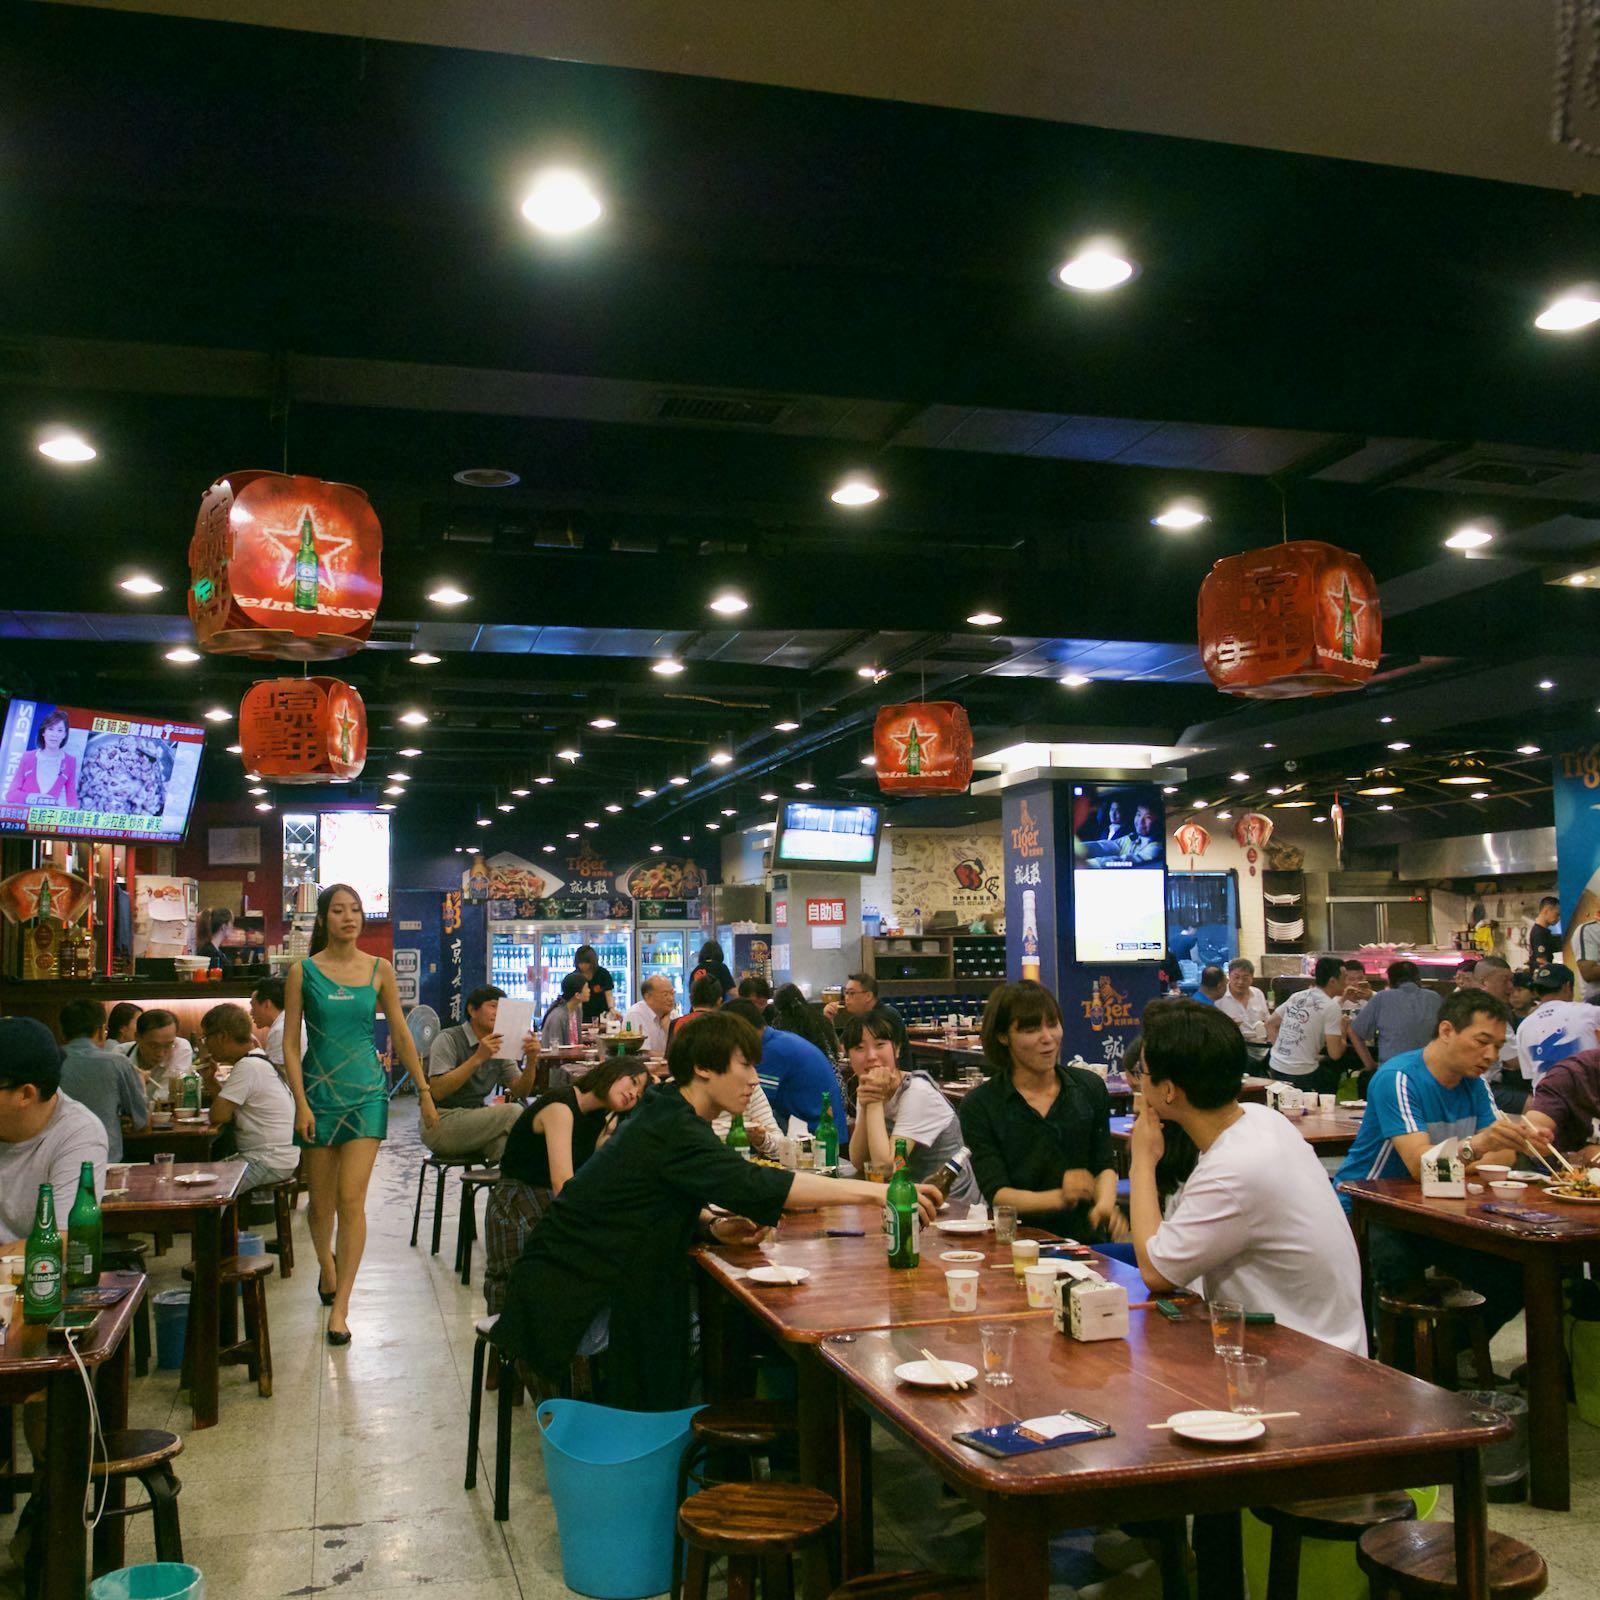 熱炒(台湾風居酒屋) 「33区」の店内